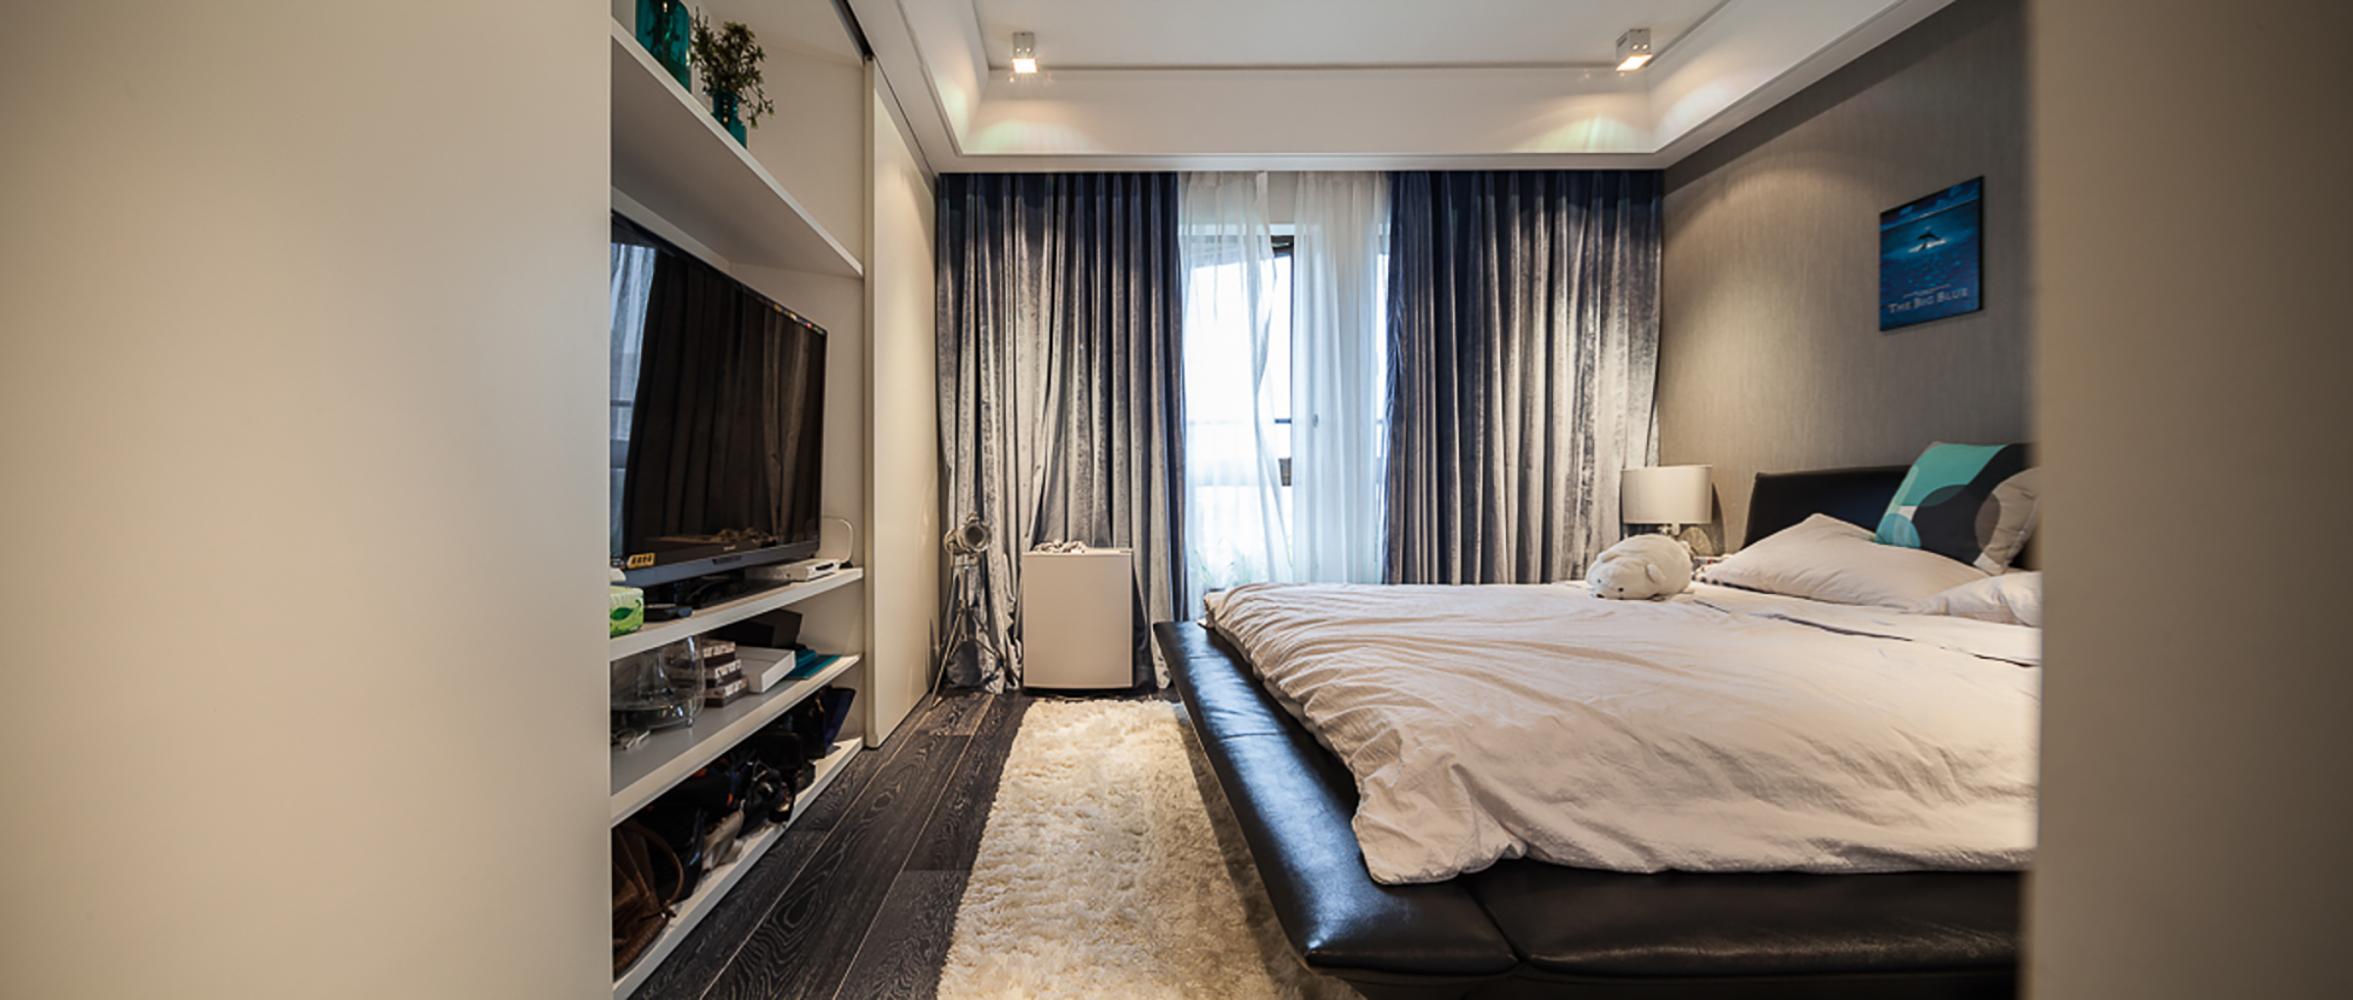 简约 别墅 黑白灰 宜居 卧室图片来自一号家居网成都站在翠湖天地的分享